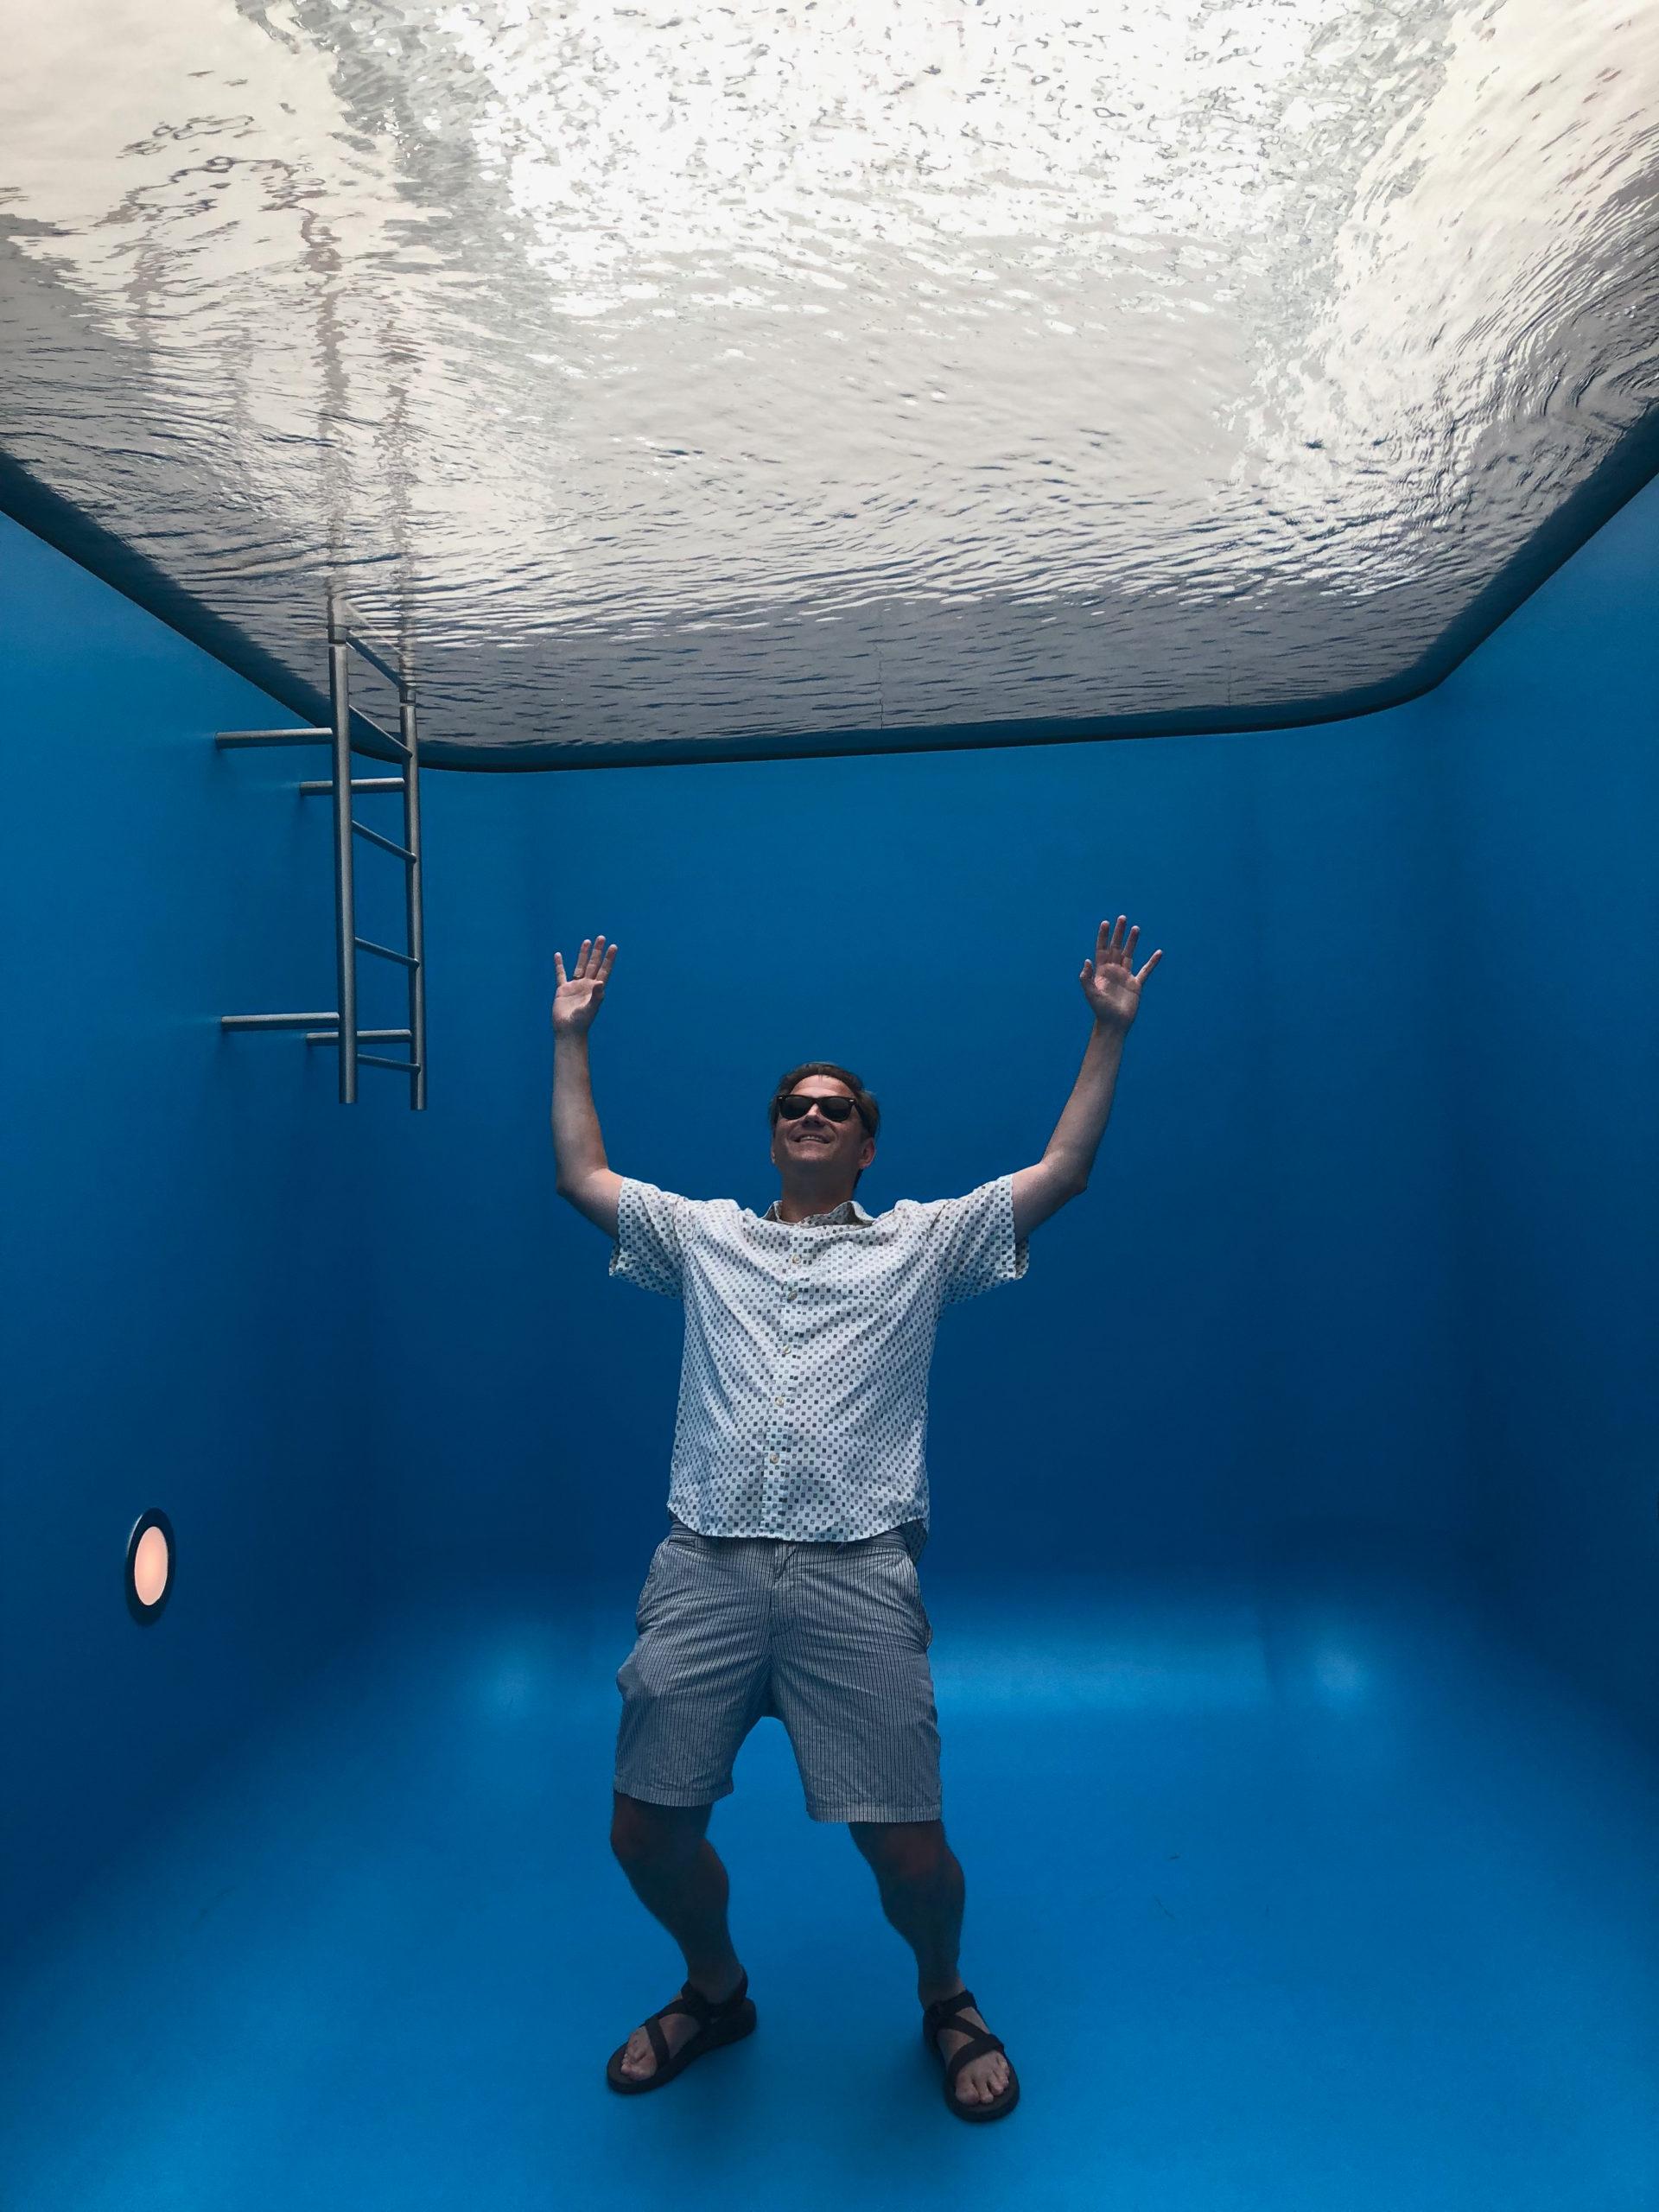 Blogger Ralf Johnen badet im Fake-Pool von Leandro Erlich im Museum Voorlinden bei Den Haag